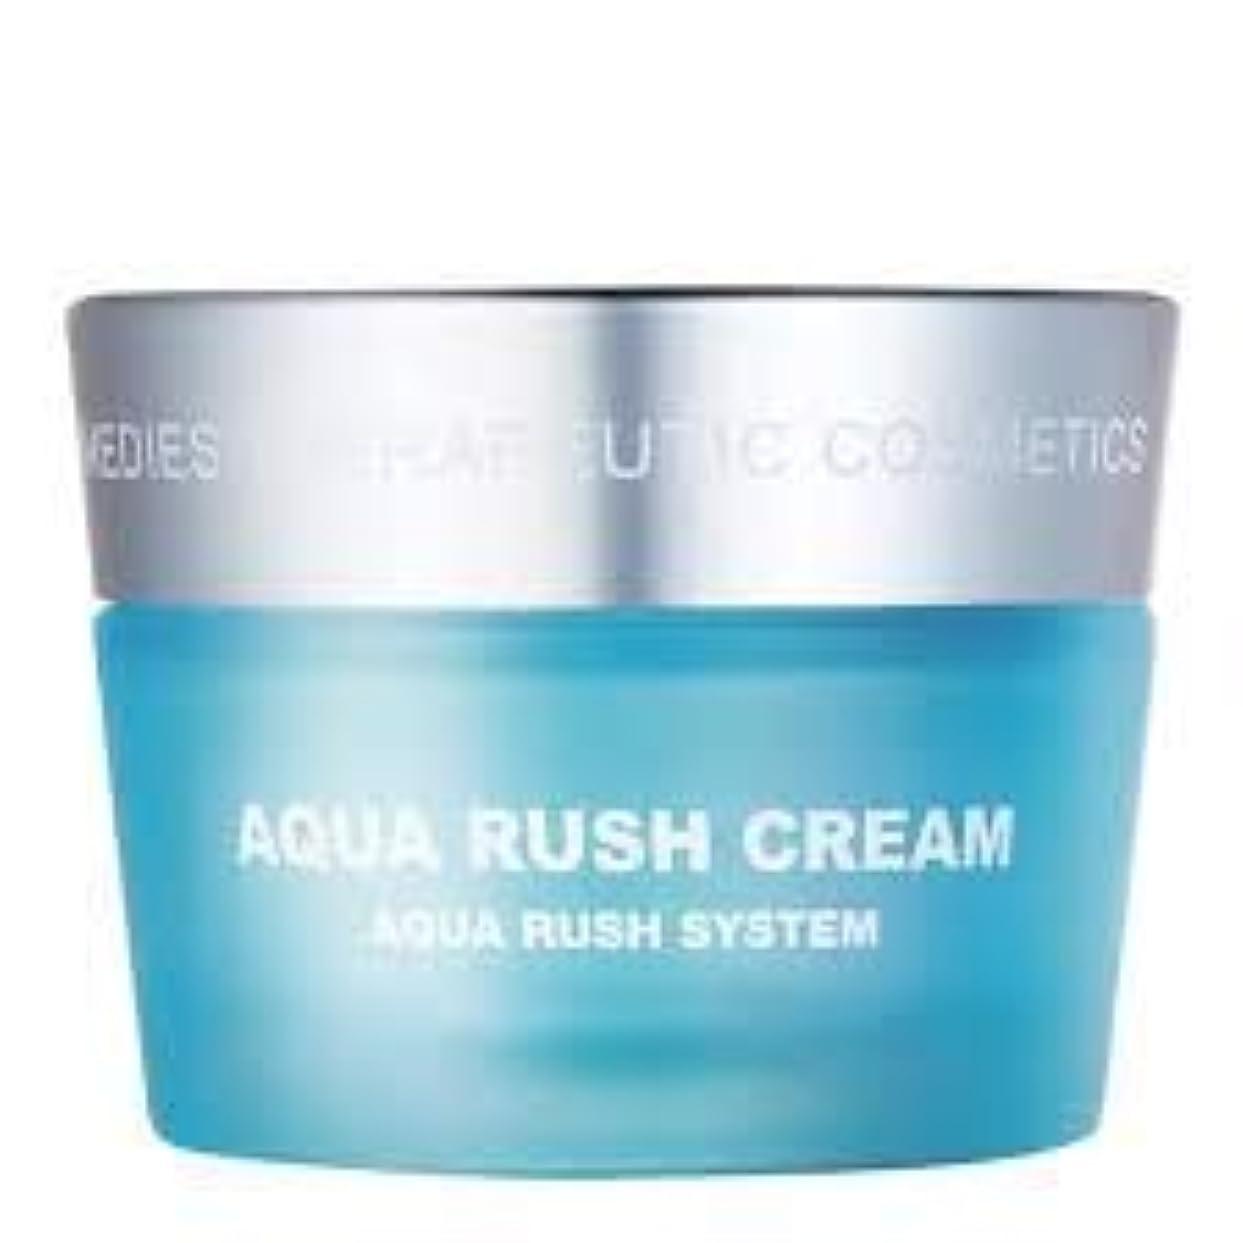 に対して交じるアライメントBRTC 乾燥肌に集中的な水分を供給アクアラッシュクリーム1つ60ミリリットル保湿クリーム